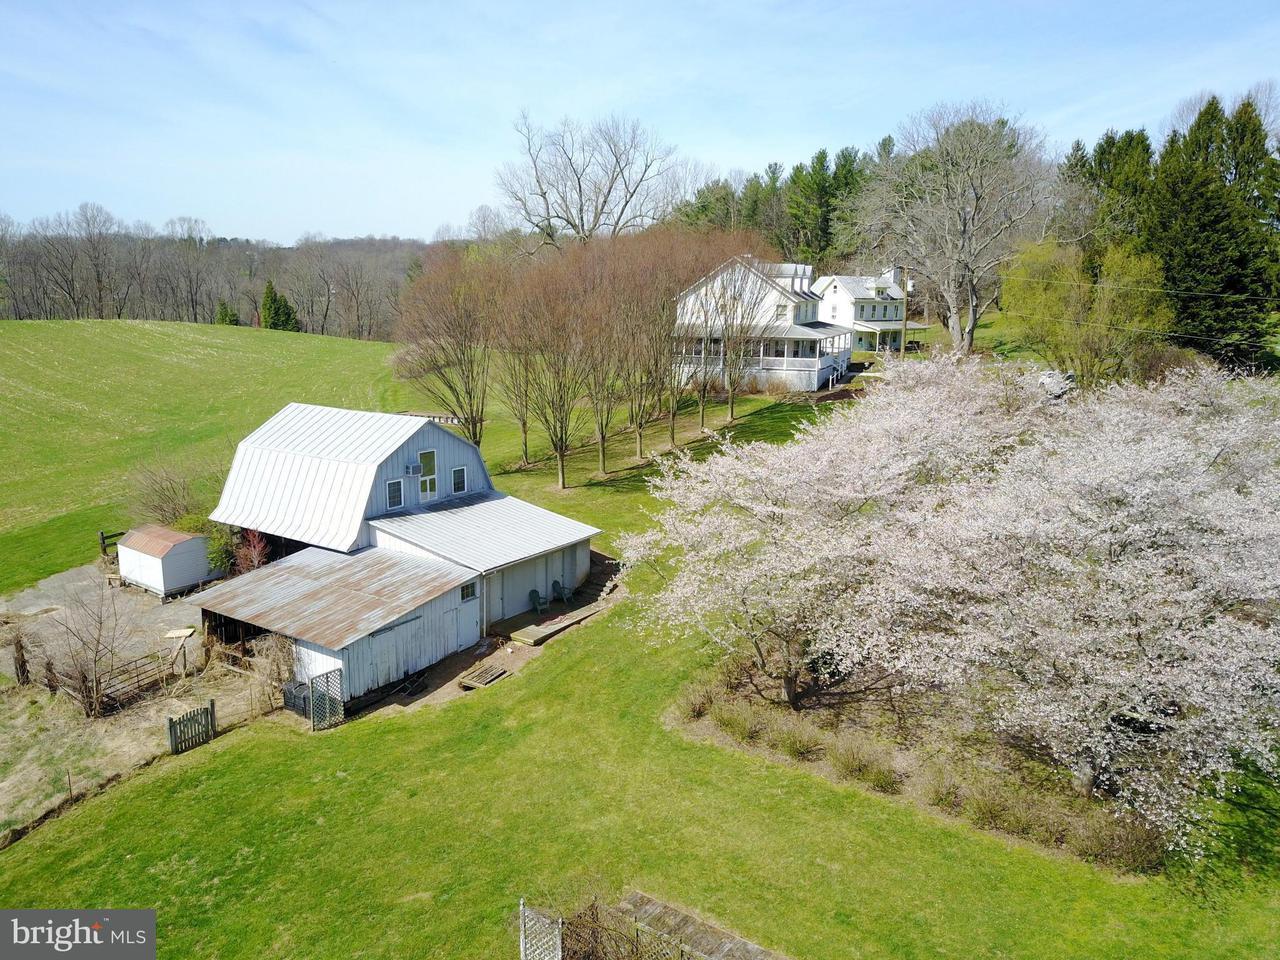 土地 为 销售 在 1501 TANK Road 1501 TANK Road Finksburg, 马里兰州 21048 美国